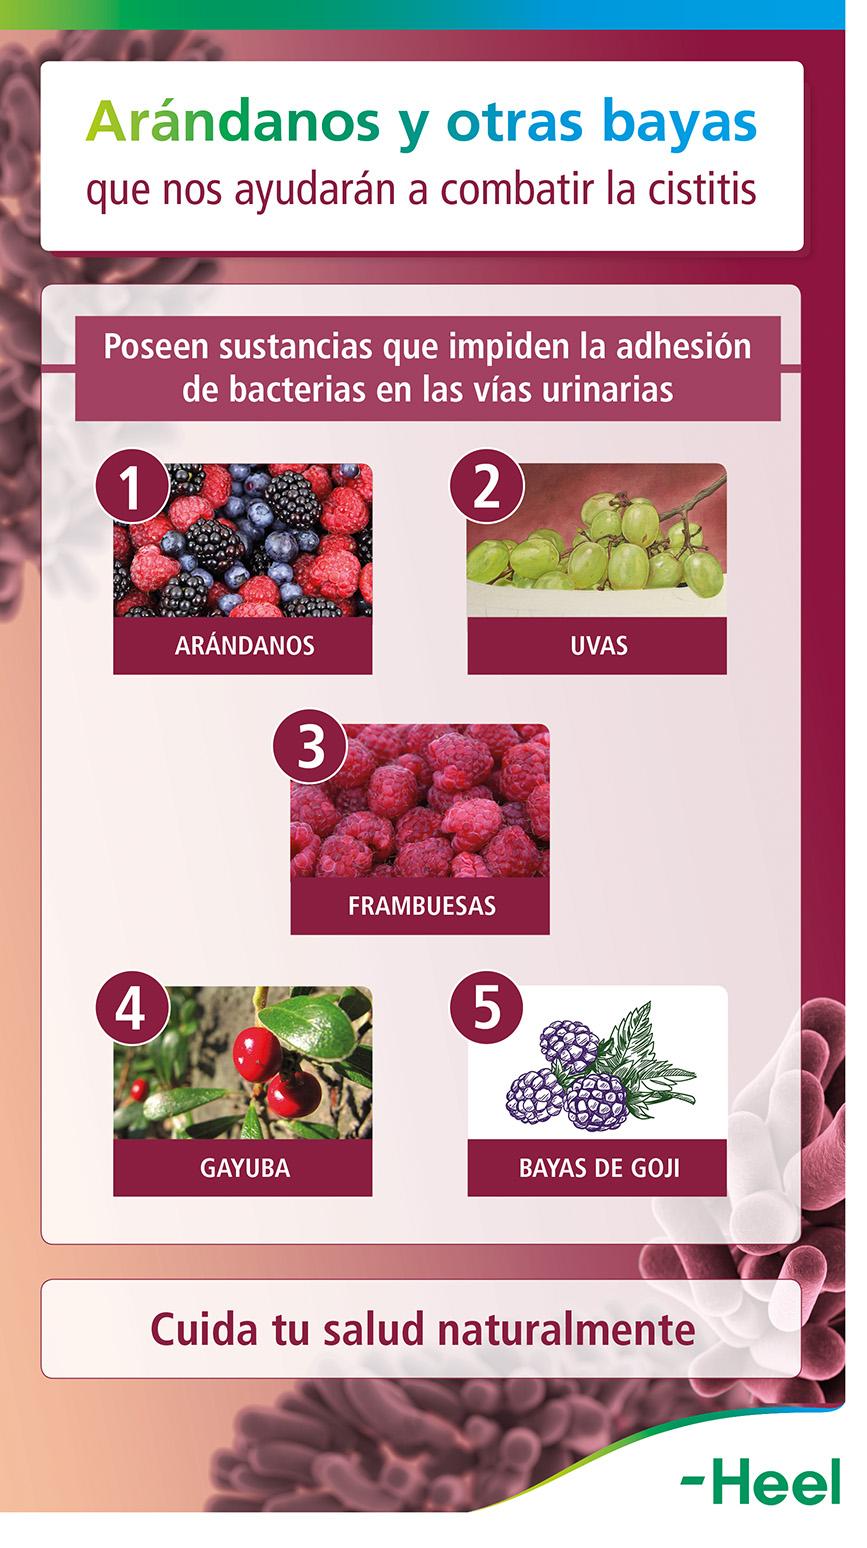 Arándanos rojos y otras bayas para prevenir la cistitis - HeelProbiotics - HeelEspaña